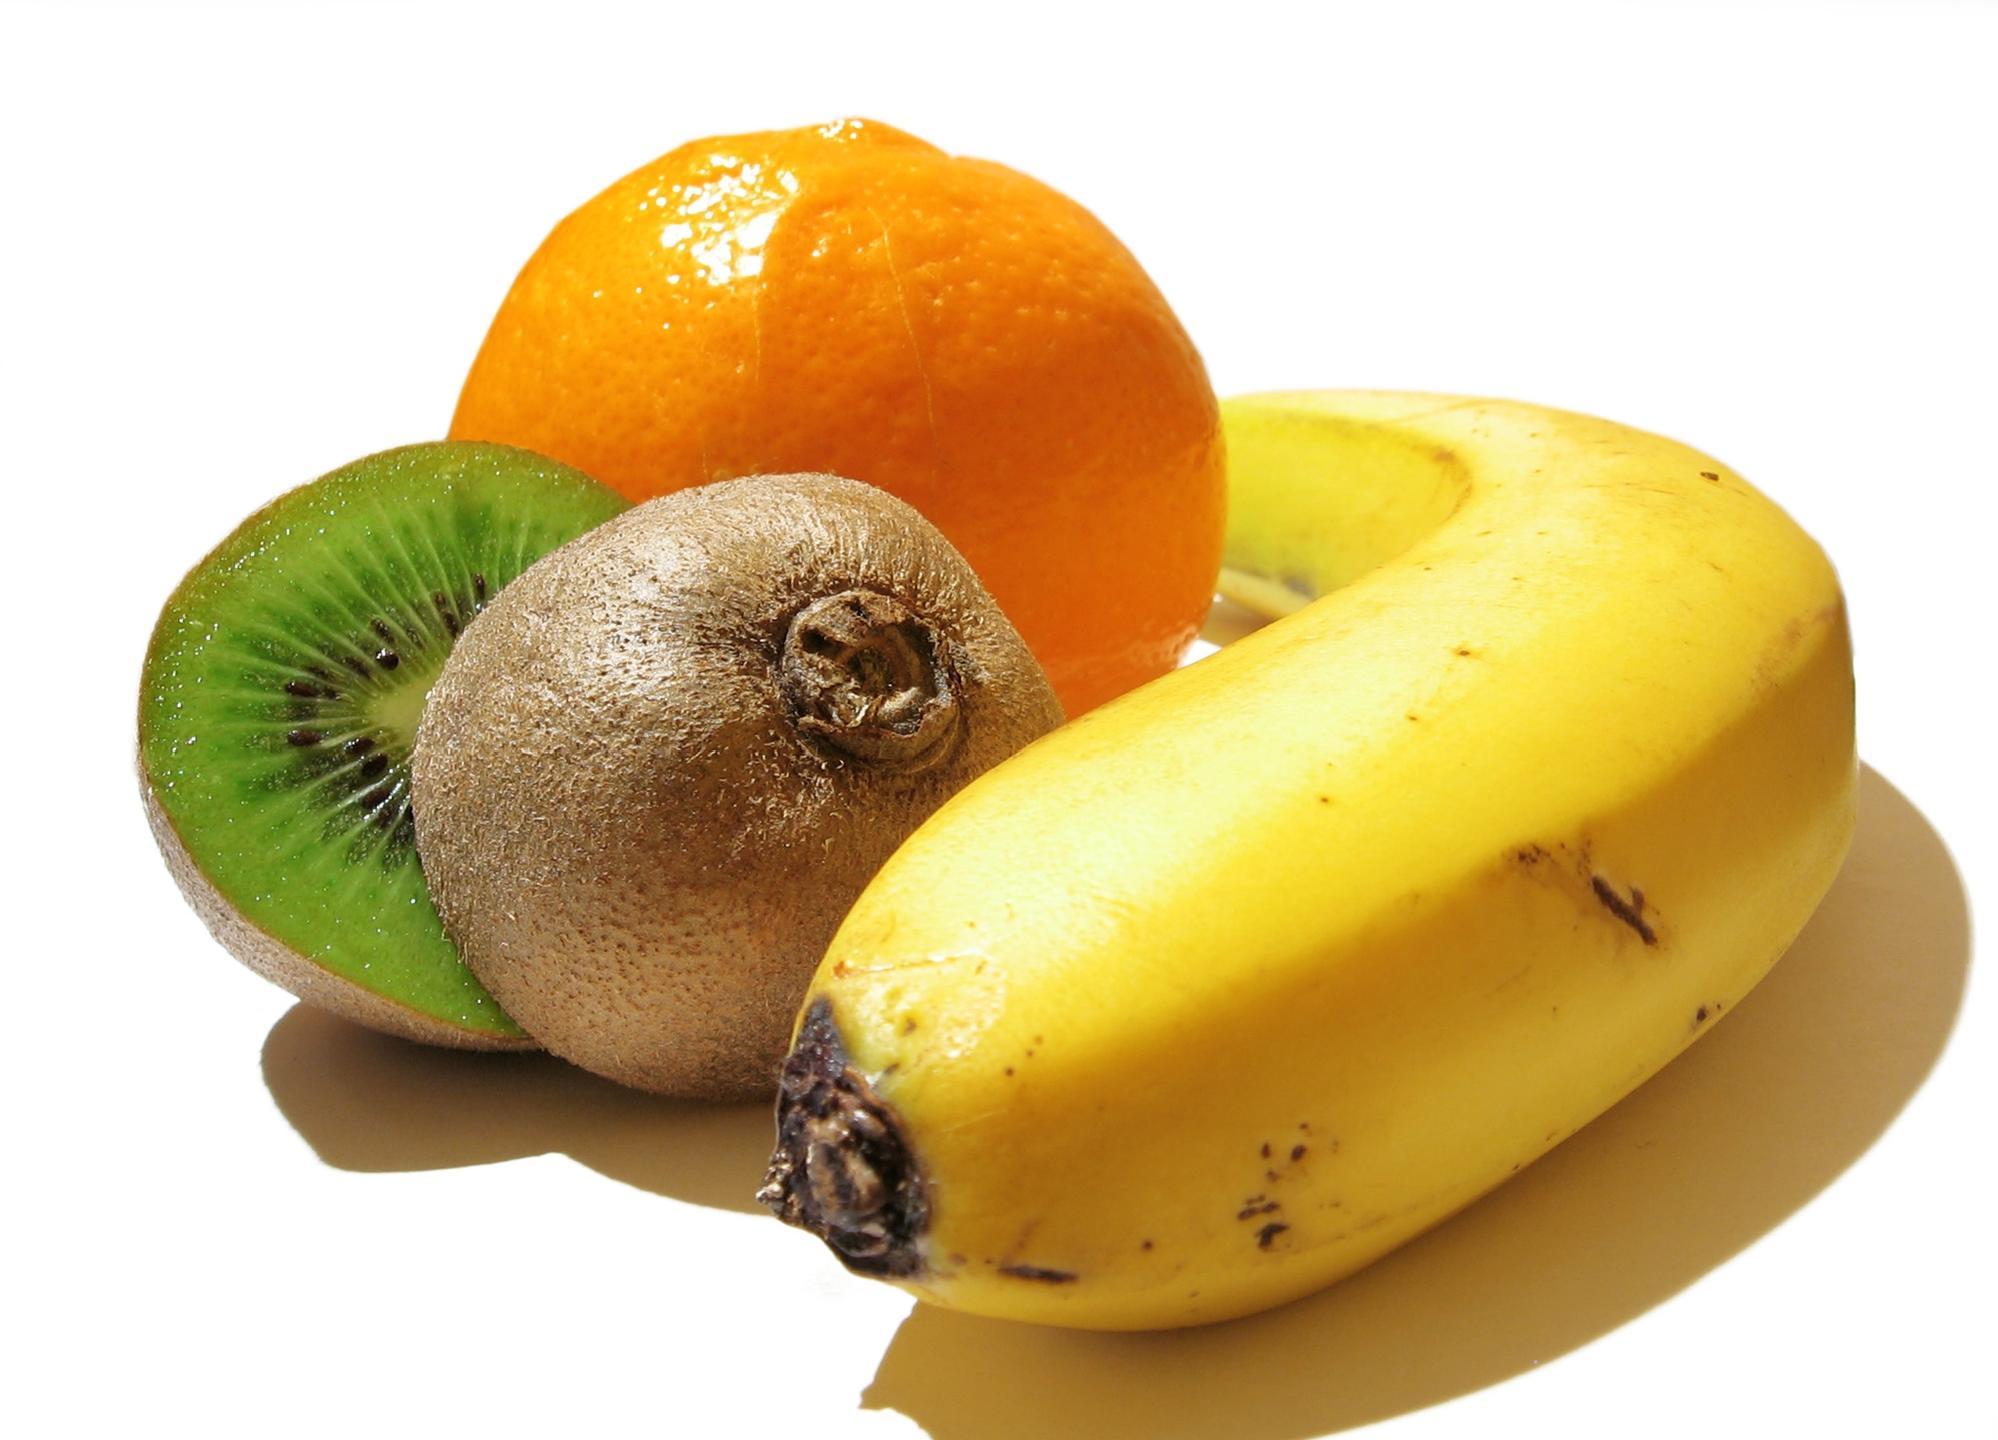 产妇夏天吃什么水果好?